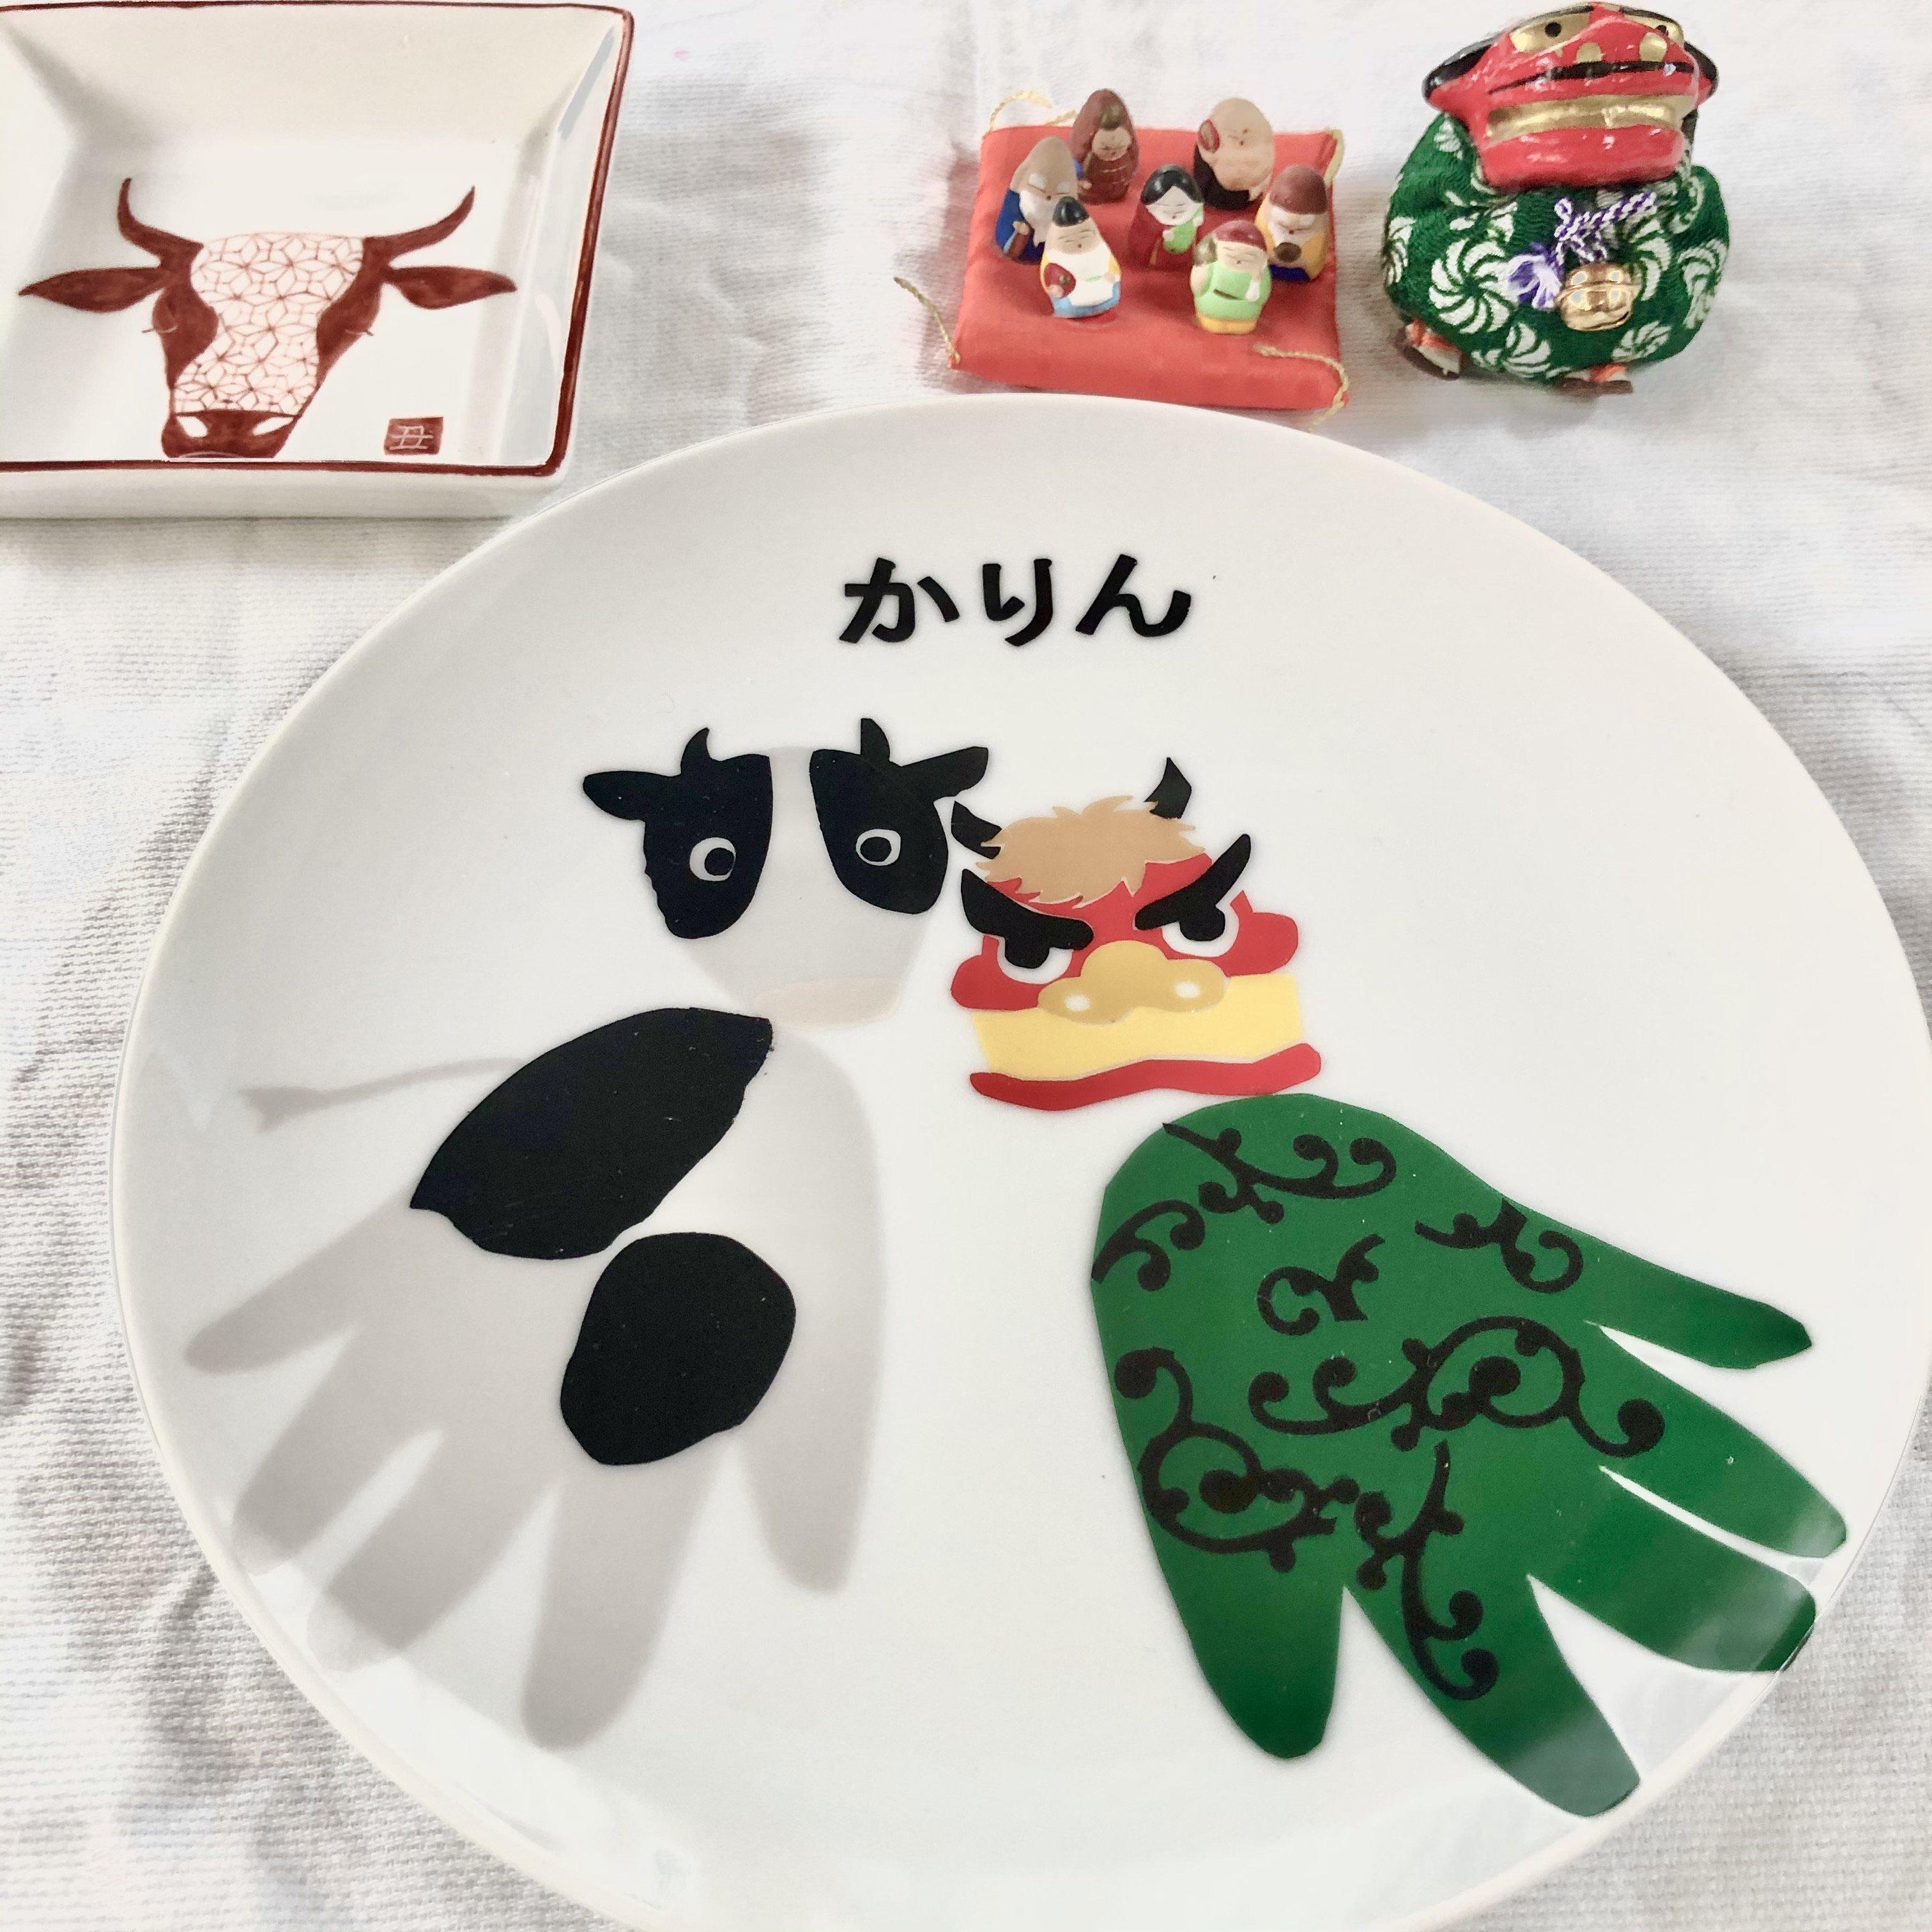 赤ちゃんの手形プレート製作オンラインレッスンのイメージその2